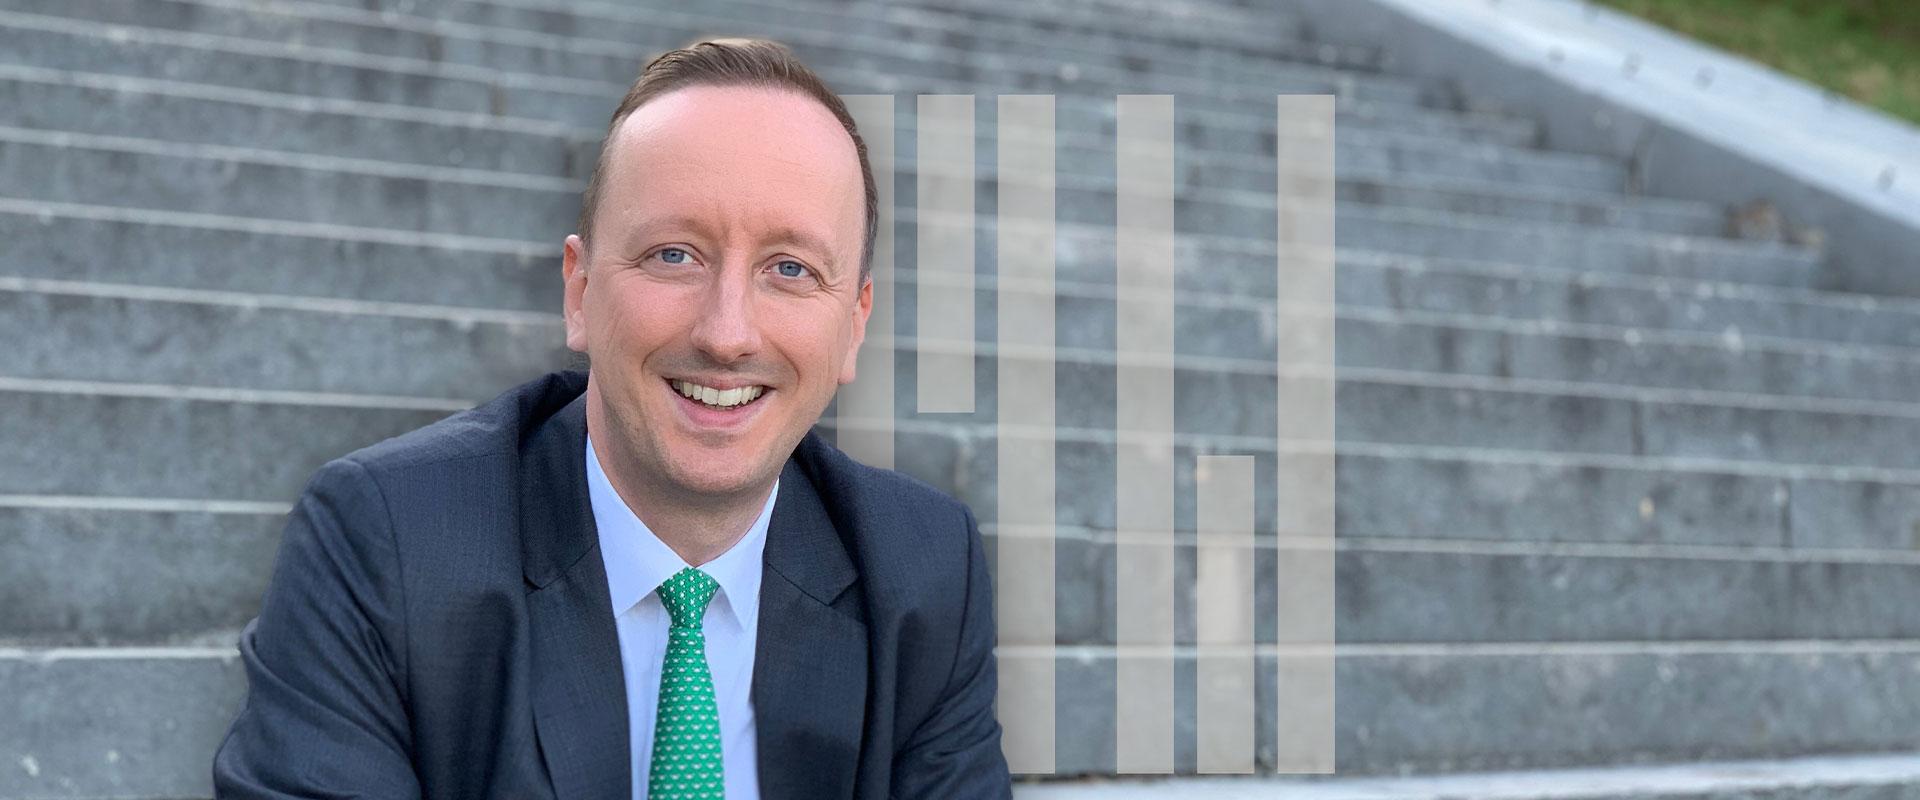 Matthias Weidmann, Ihr Rechtsanwalt